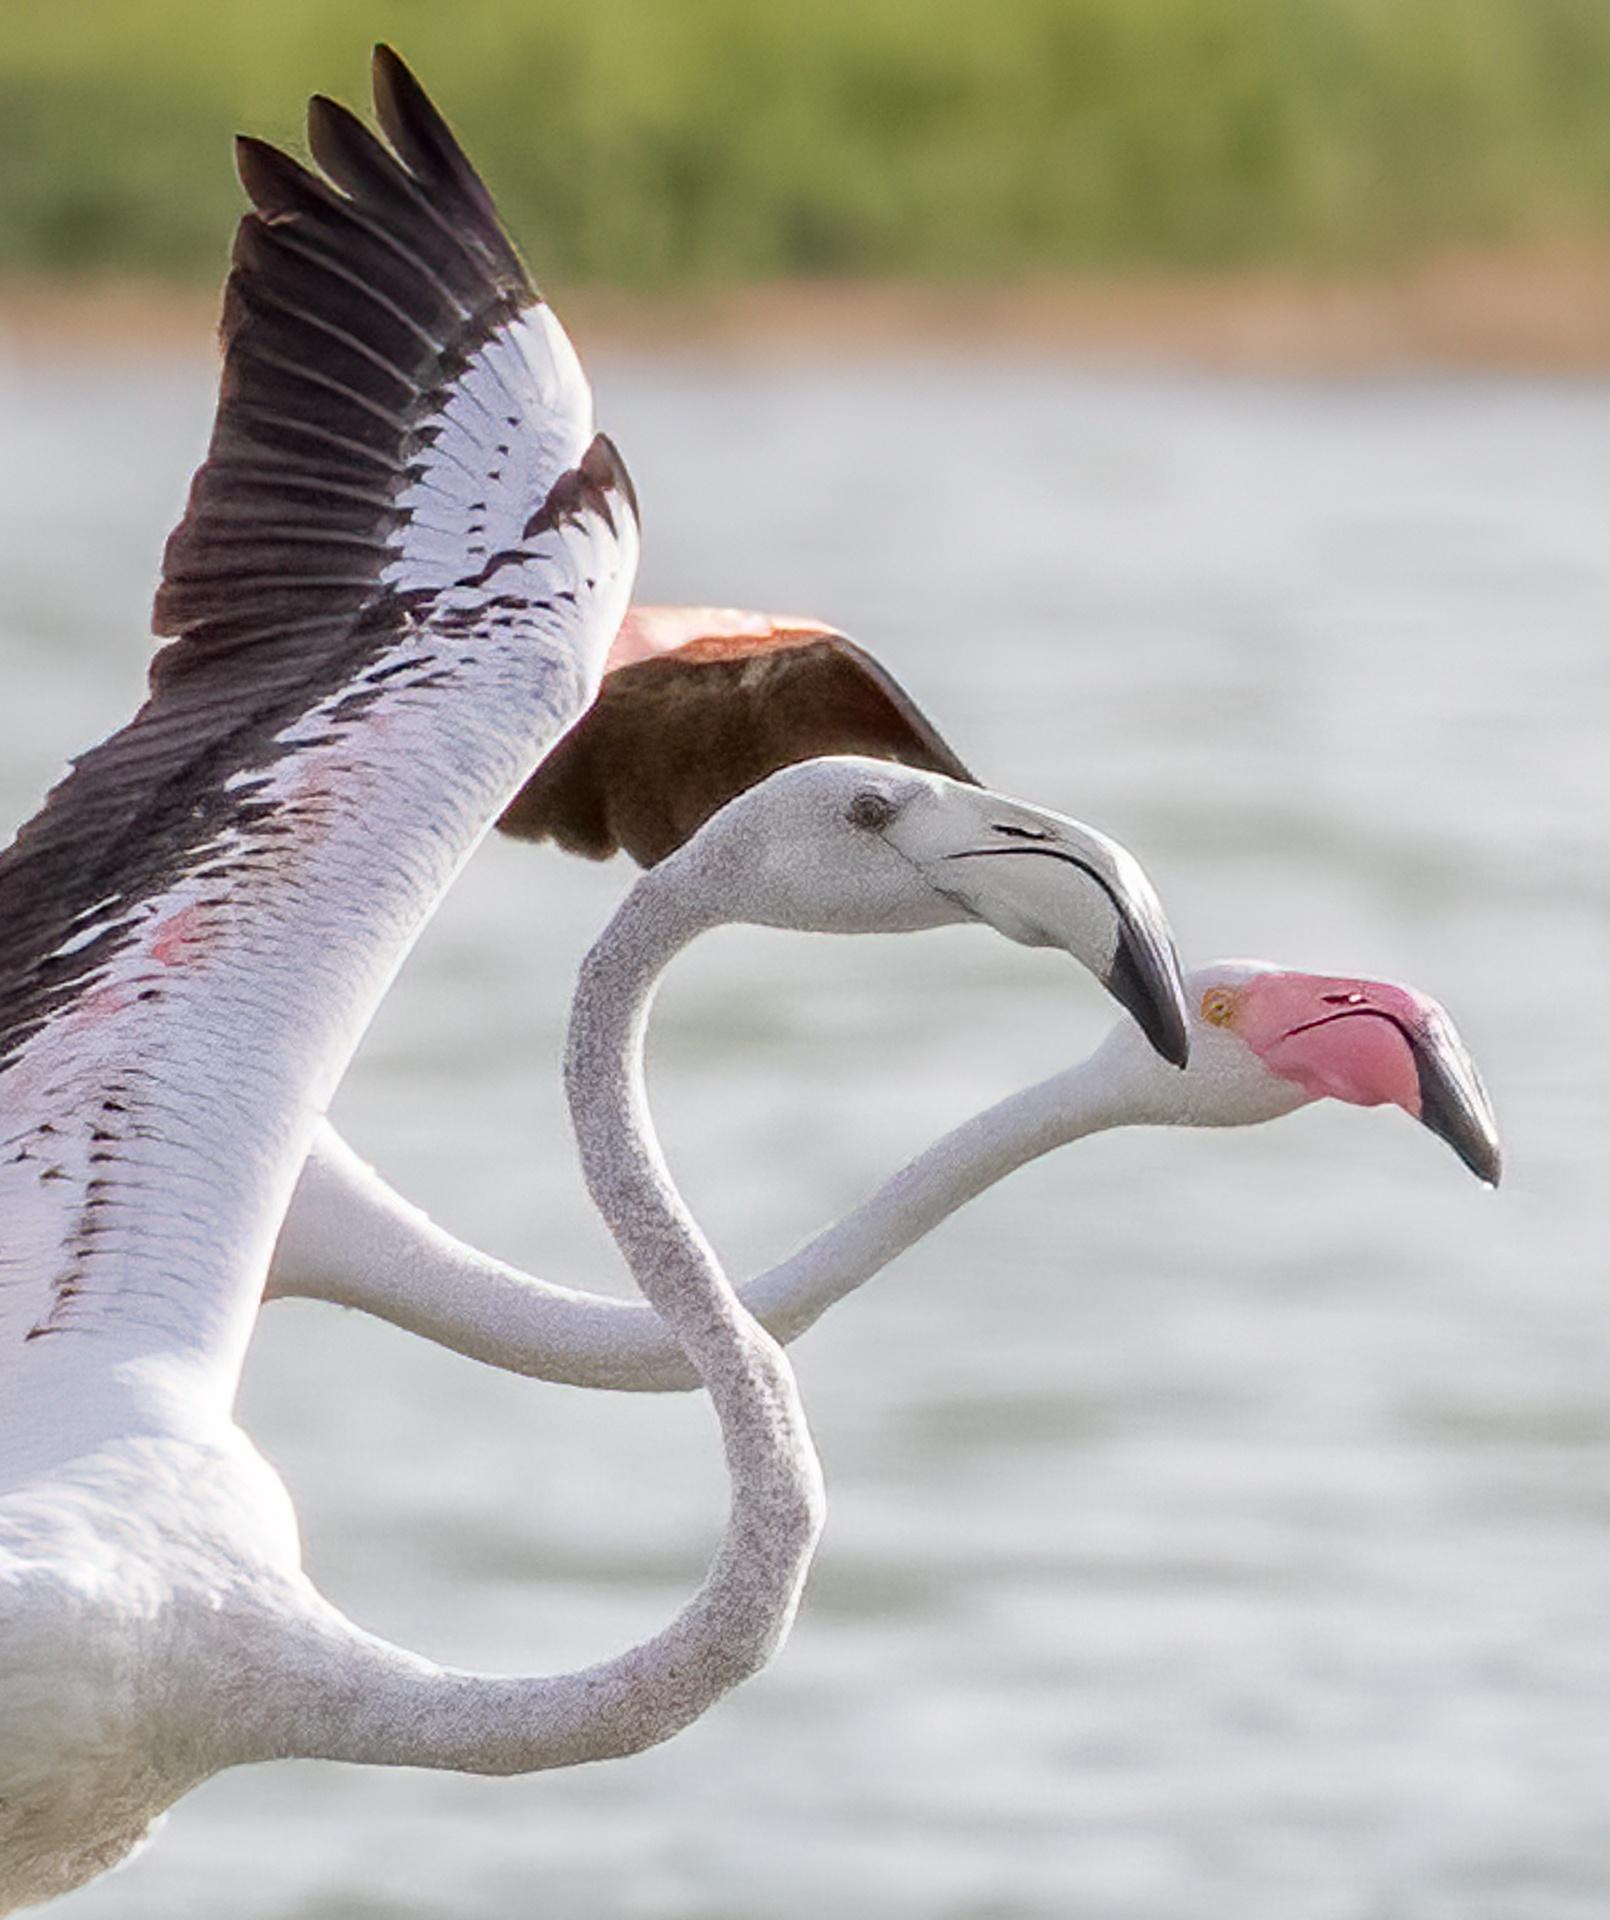 Flamingo pair in flight